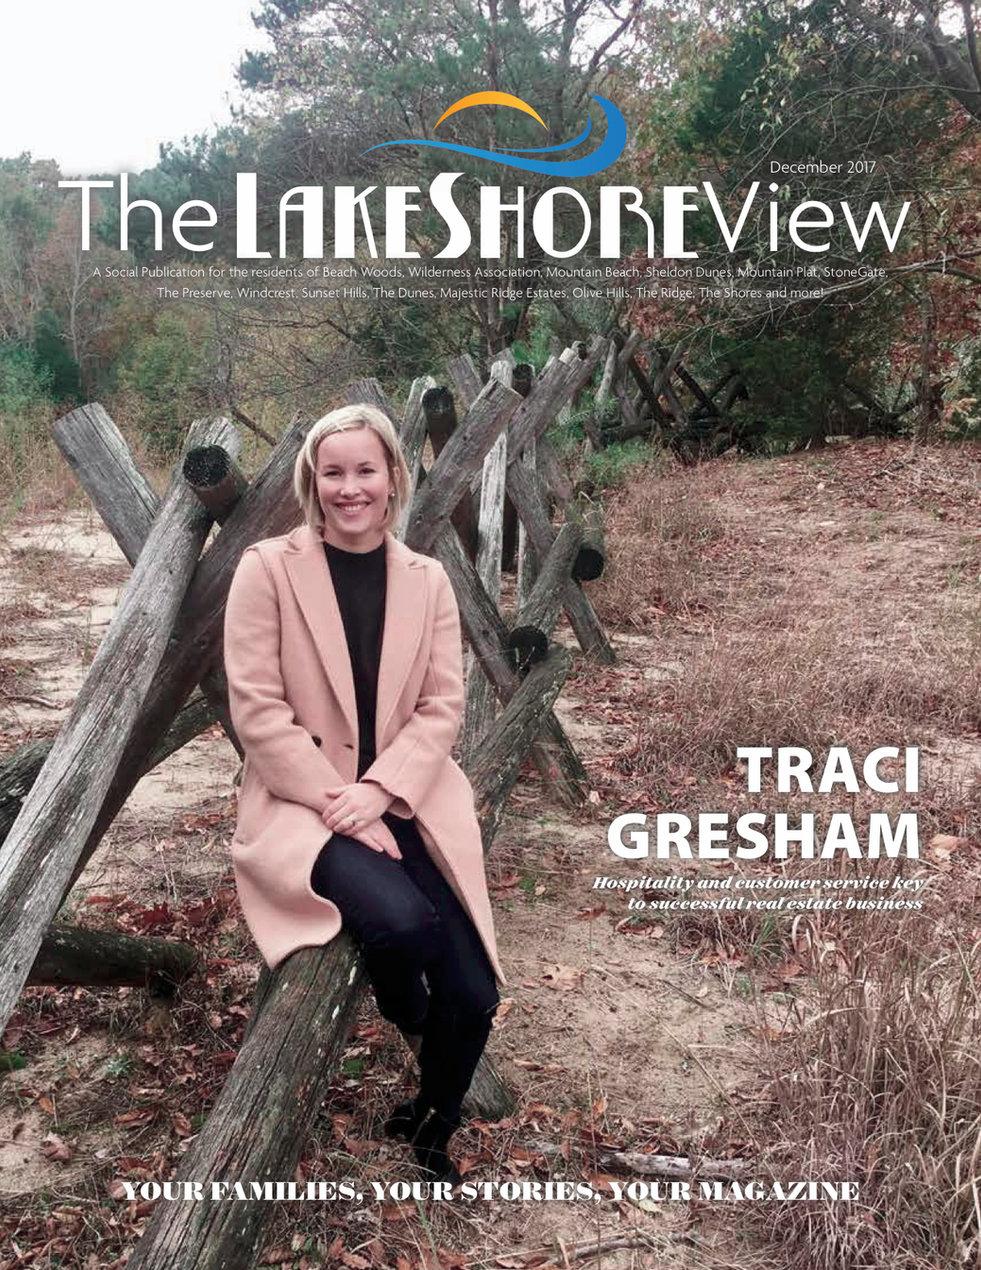 Grand Haven Real Estate Agent, Traci Gresham